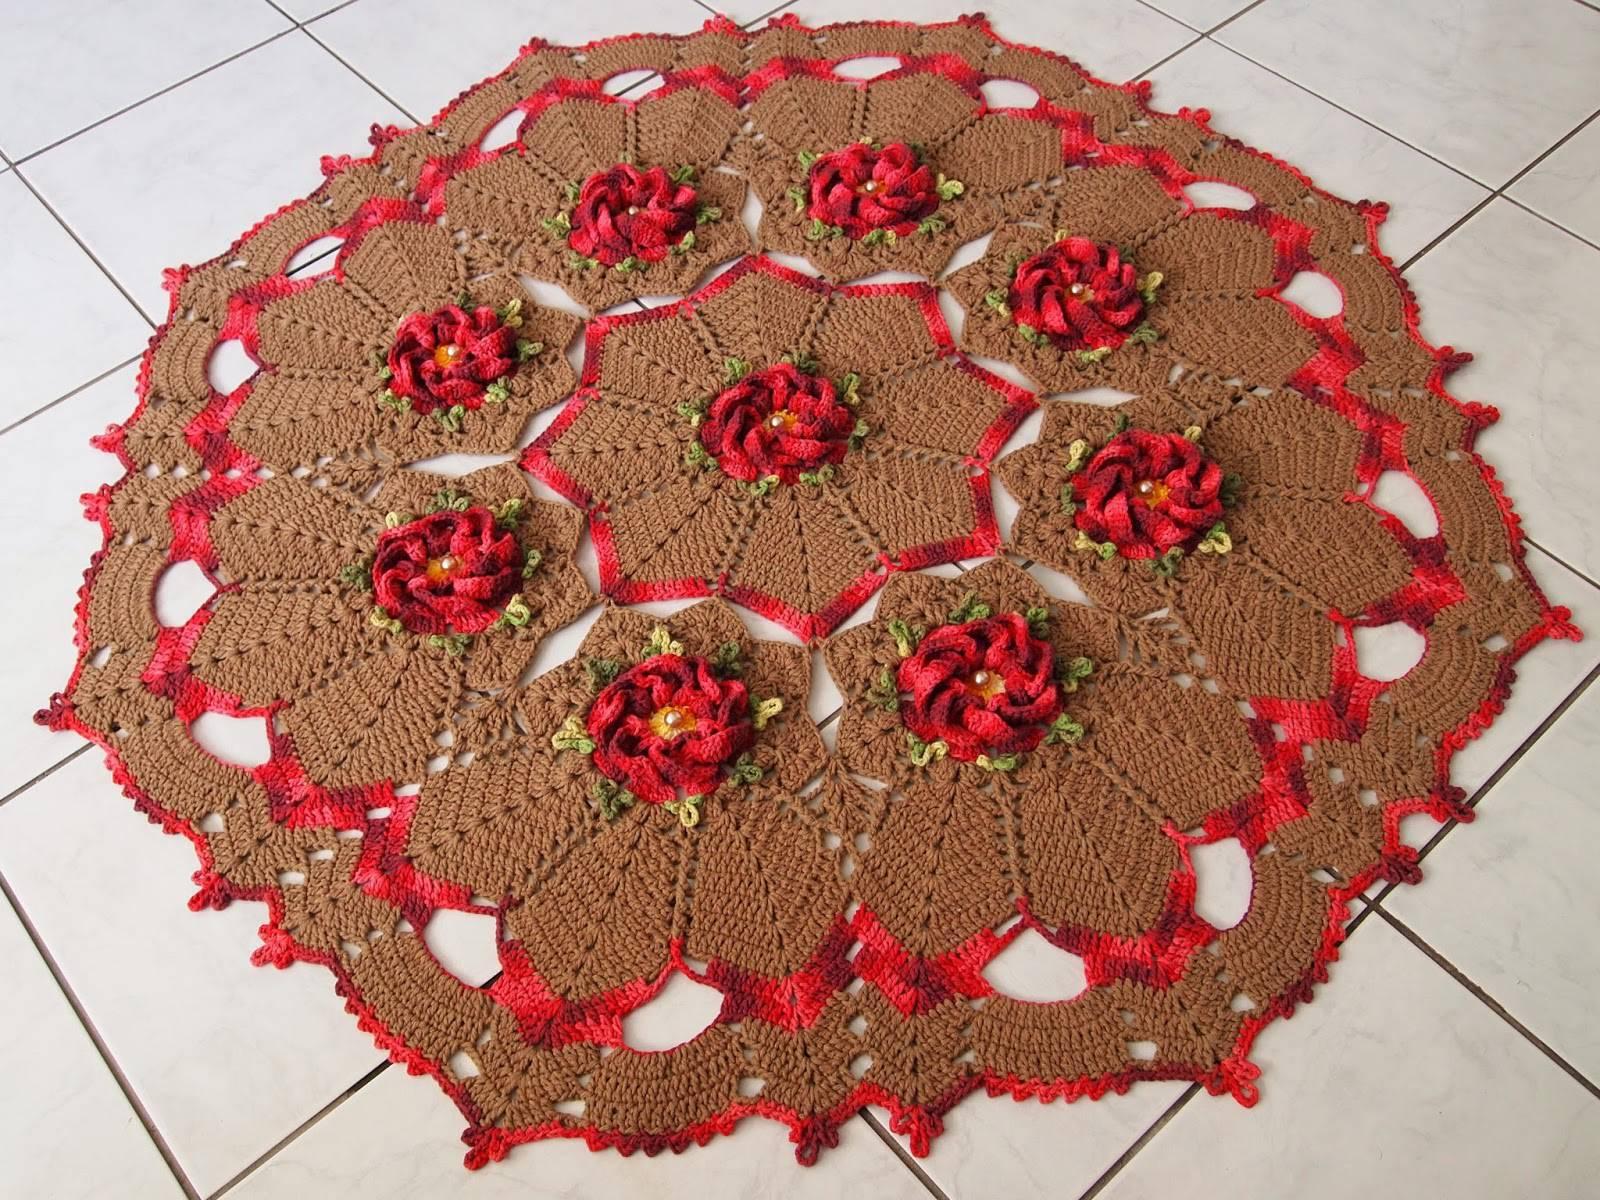 tapetes de barbante marrom com flores vermelhas